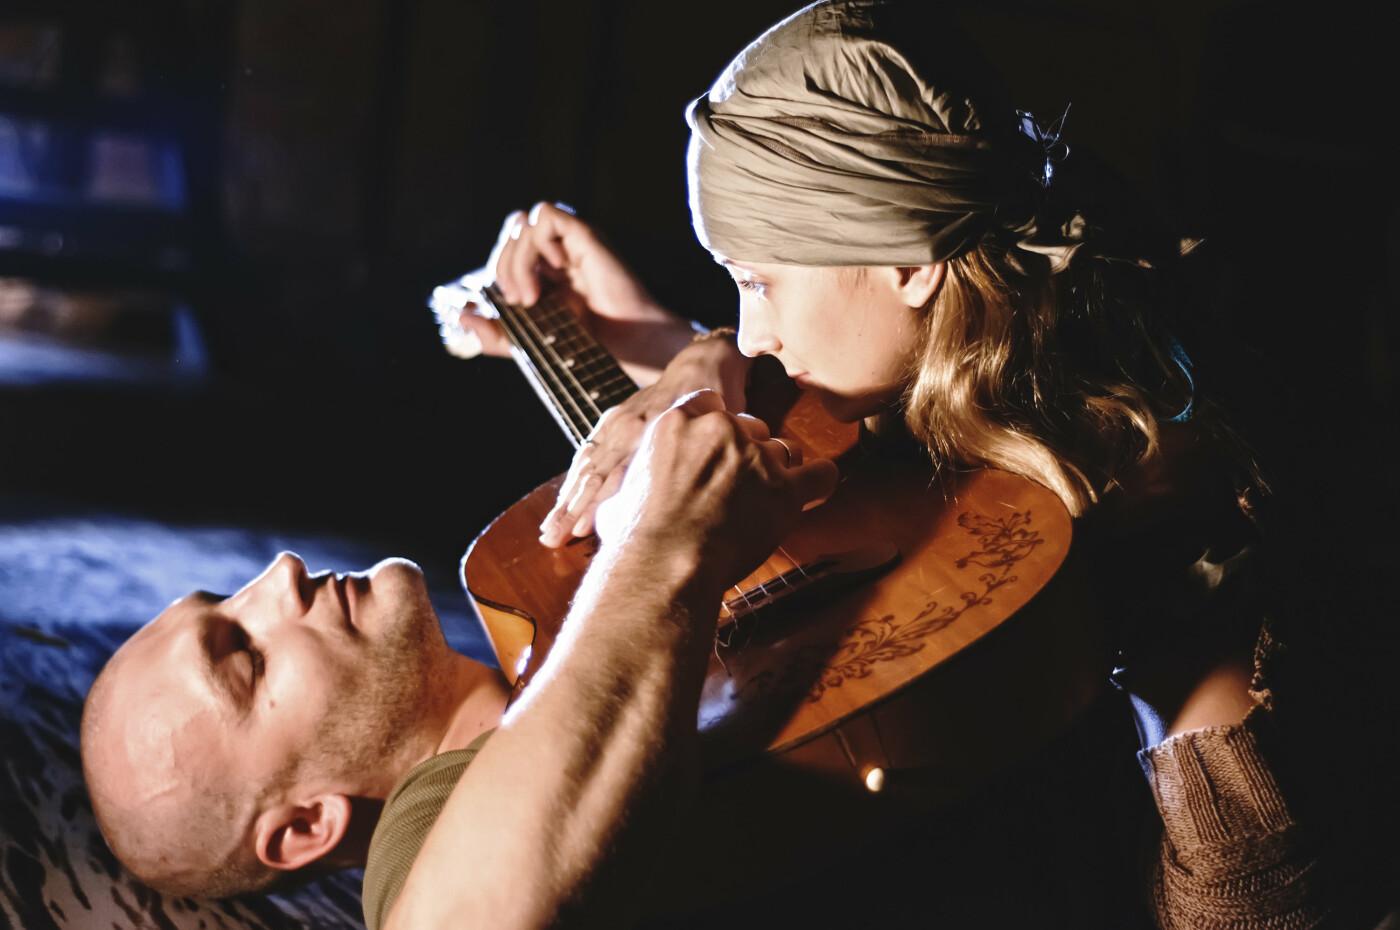 Театры Харькова: какие спектакли посмотреть на этих выходных, - ФОТО, фото-4